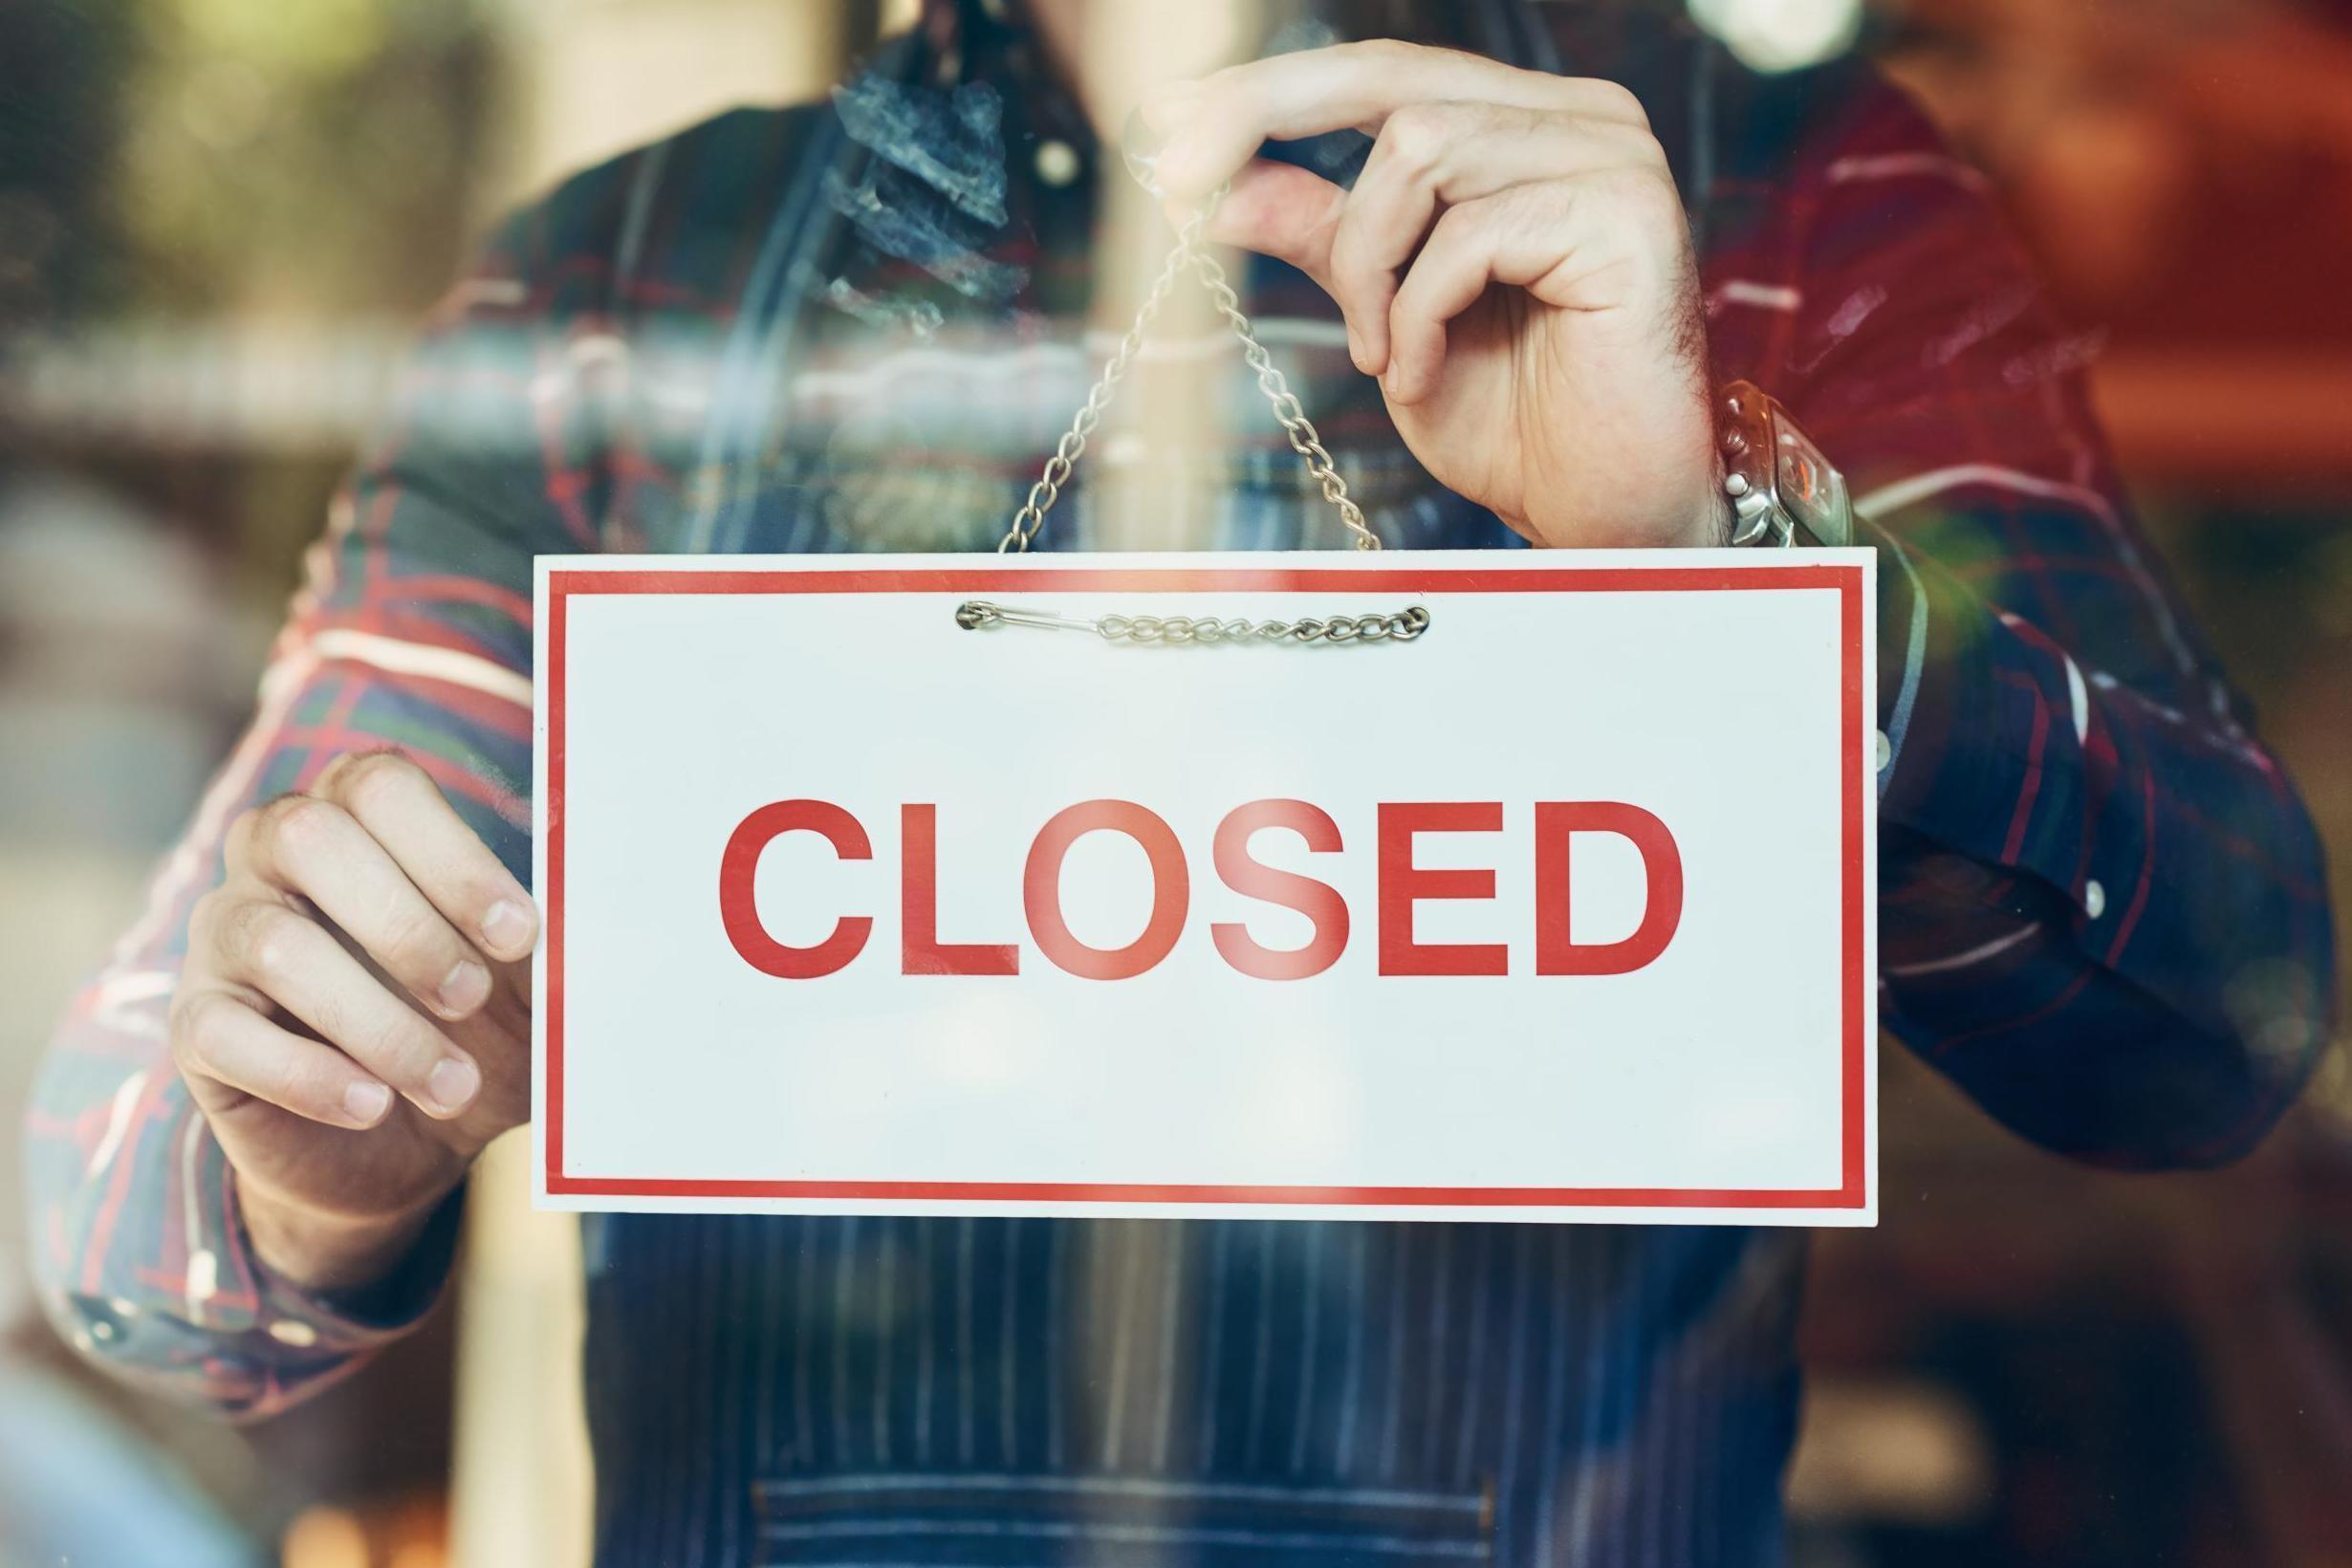 В Питере закрылось турагентство, туристы остались без отдыха